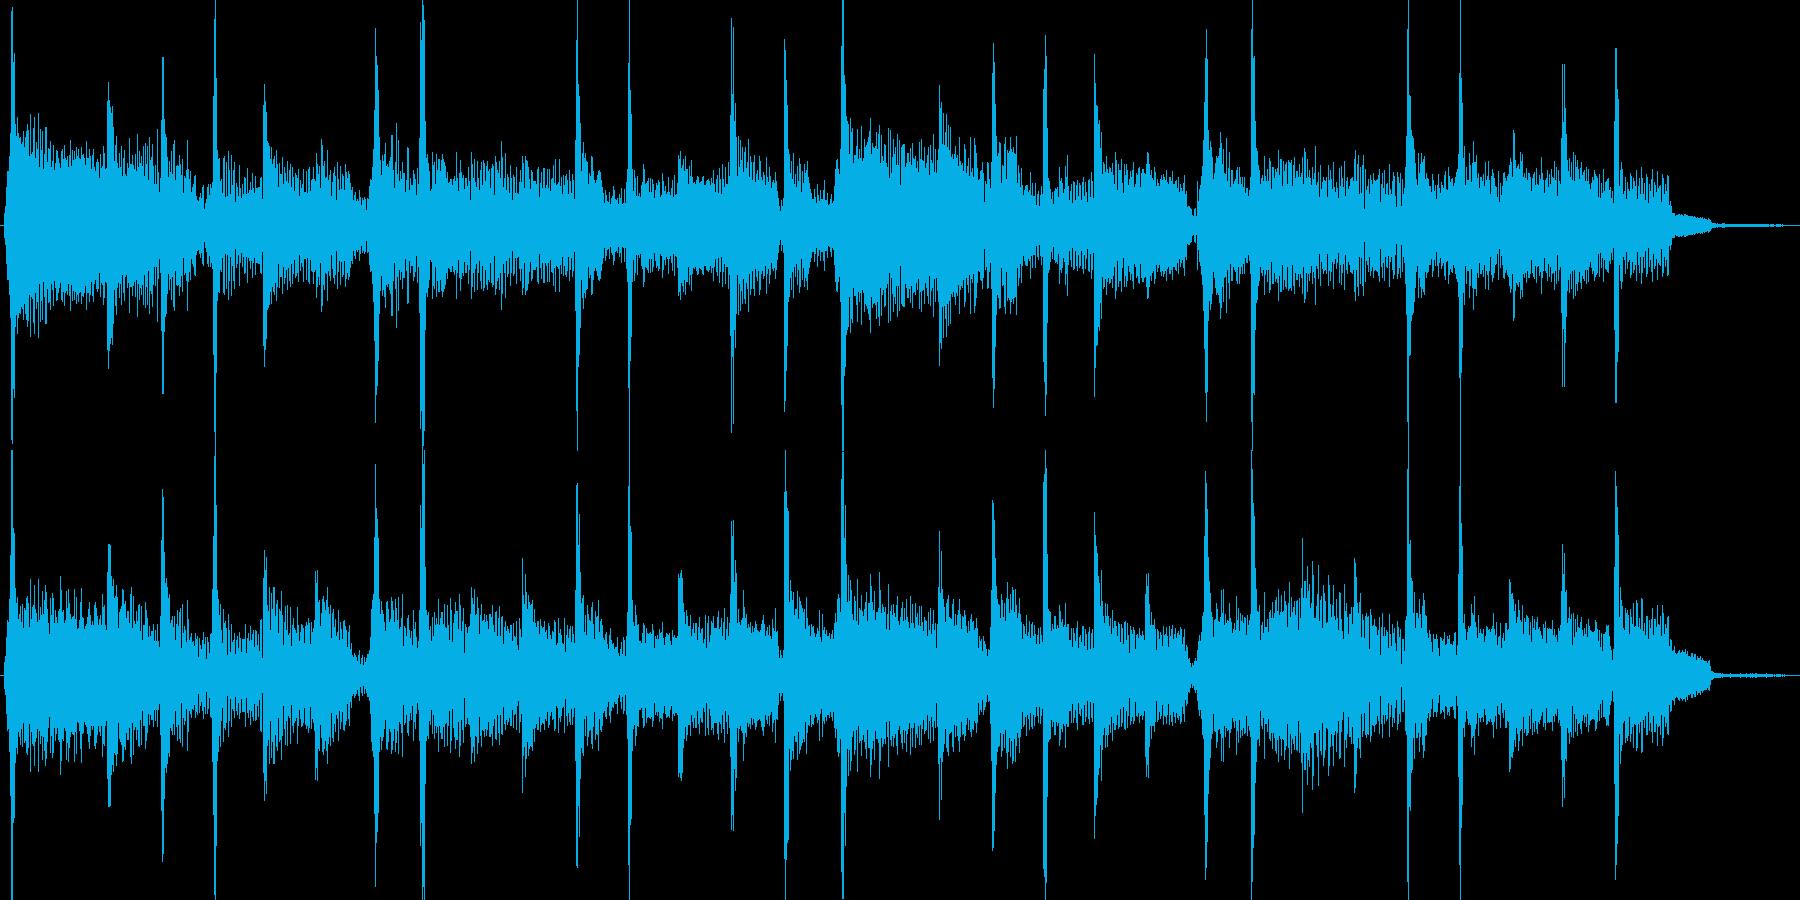 ボサノバ風エレピのジングルの再生済みの波形